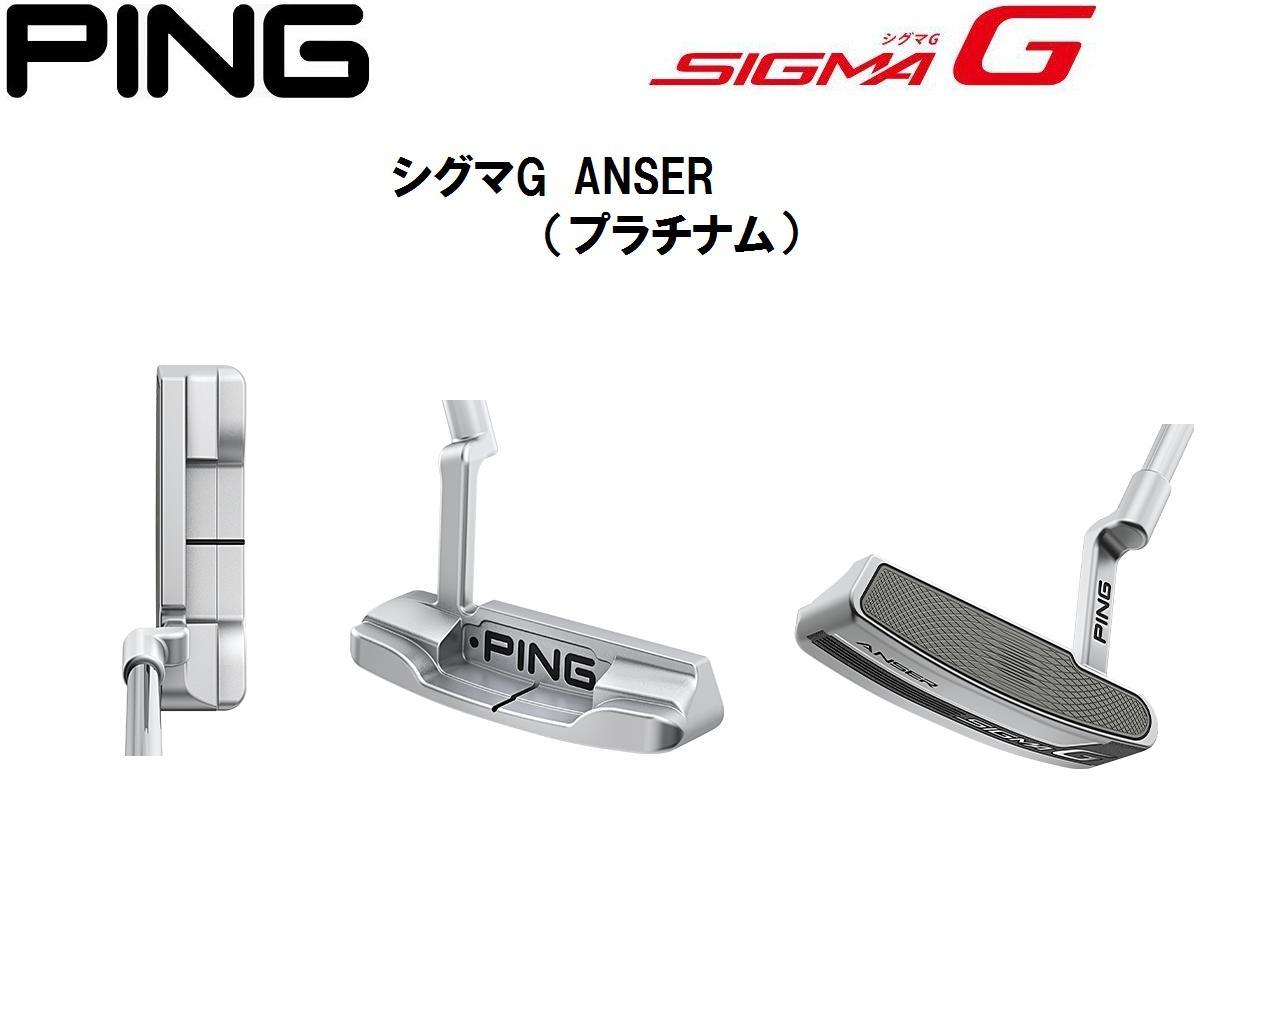 【新品】PING SIGMA G ANSER PUTTER  ピン シグマG アンサー プラチナム仕上げ パター (シャフト固定式) PP60 グリップ 日本正規品 ヘッドカバー付き